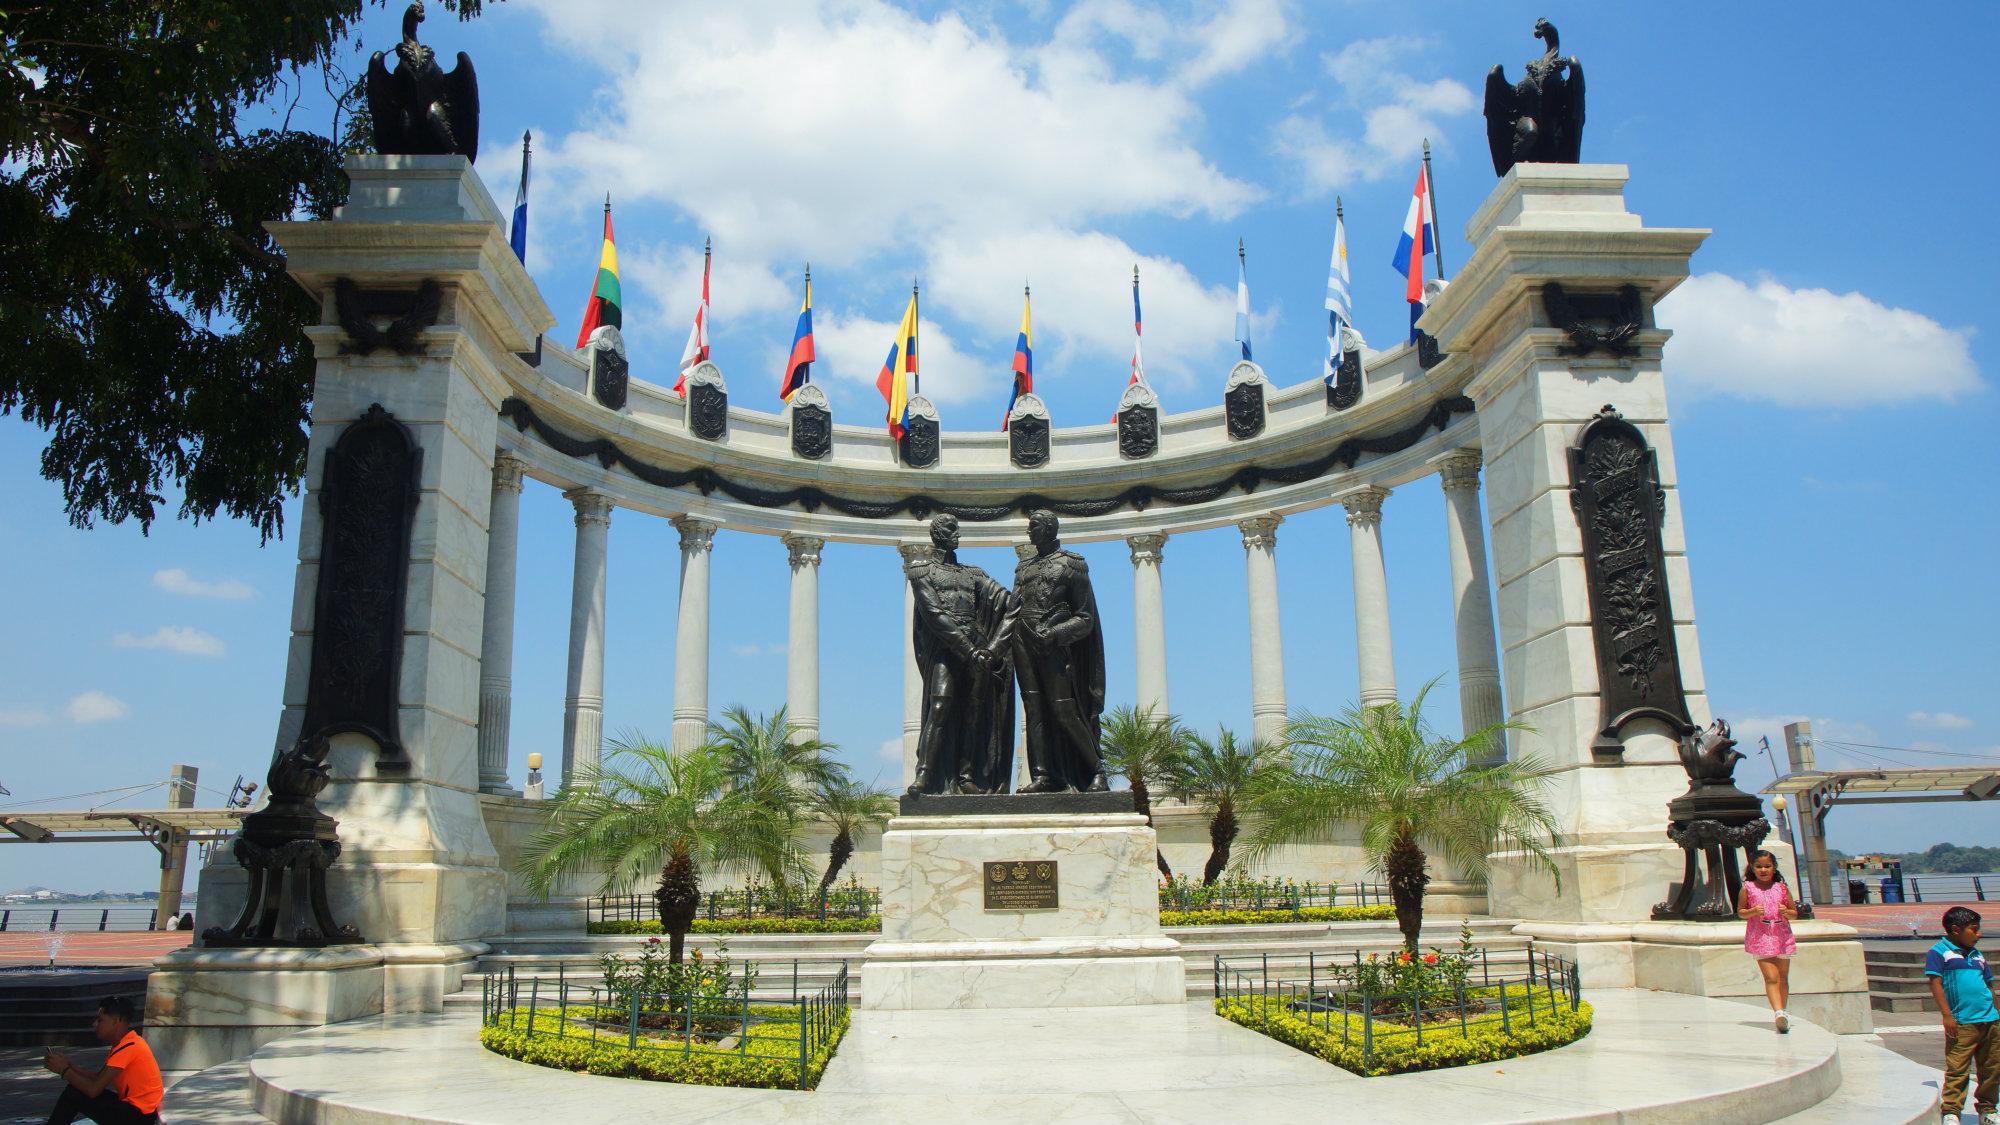 El Hemiciclo de la Rotonda es un monumento que conmemora la 'Entrevista de Guayaquil', en la que los libertadores Simón Bolívar (la Gran Colombia) y José de San Martín (Perú), tuvieron un encuentro en la ciudad el 26 de julio de 1822, con el objetivo de decidir el futuro de la Provincia Libre de Guayaquil y de la independencia sudamericana. Foto: Alejo Miranda -Shutterstock